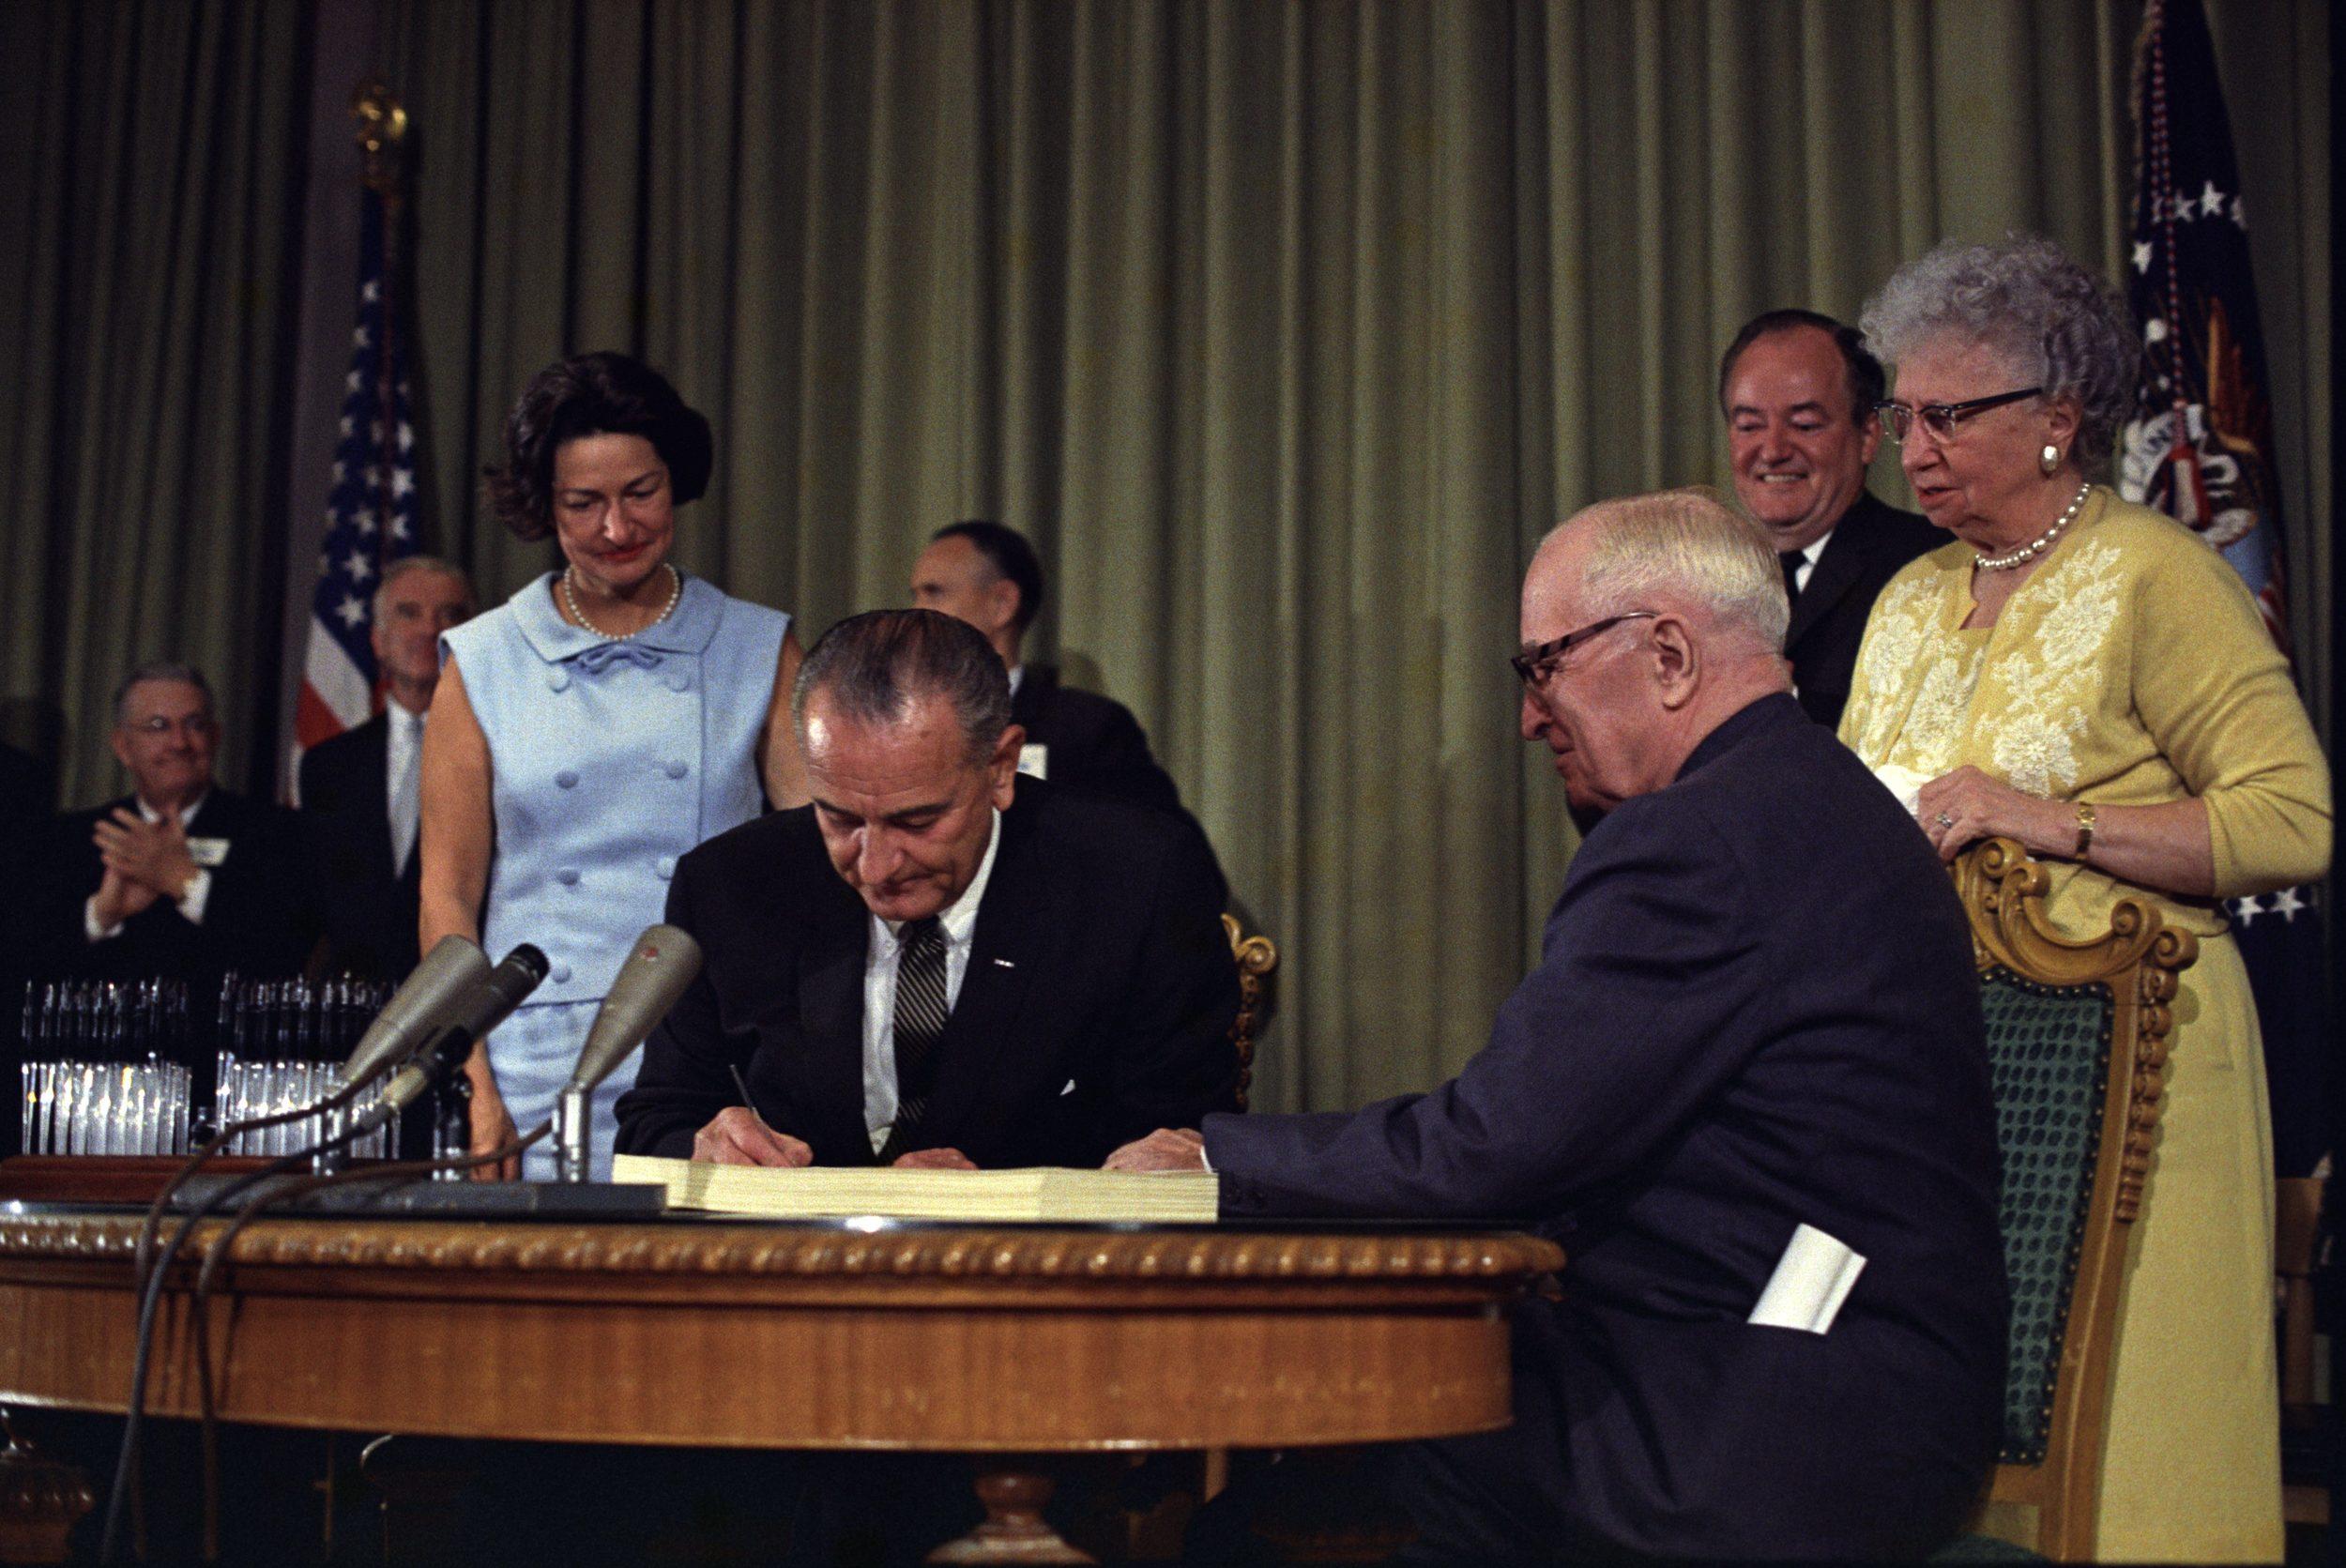 Lyndon_Johnson_signing_Medicare_bill,_with_Harry_Truman,_July_30,_1965.jpg